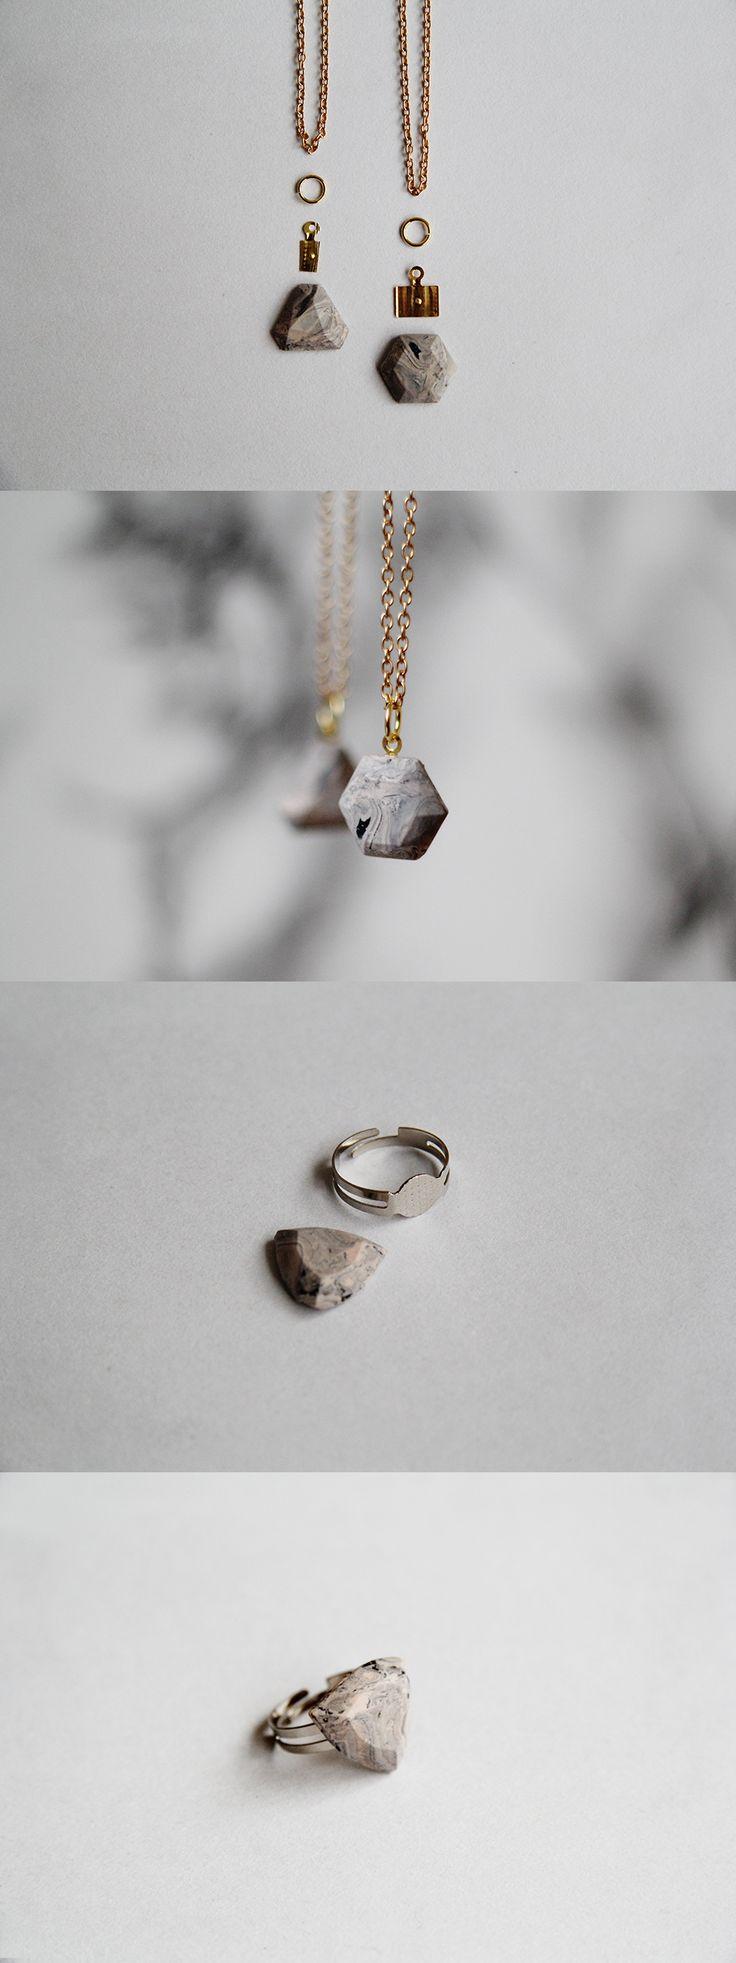 DIY Marble Gem Stones // Fall For DIY